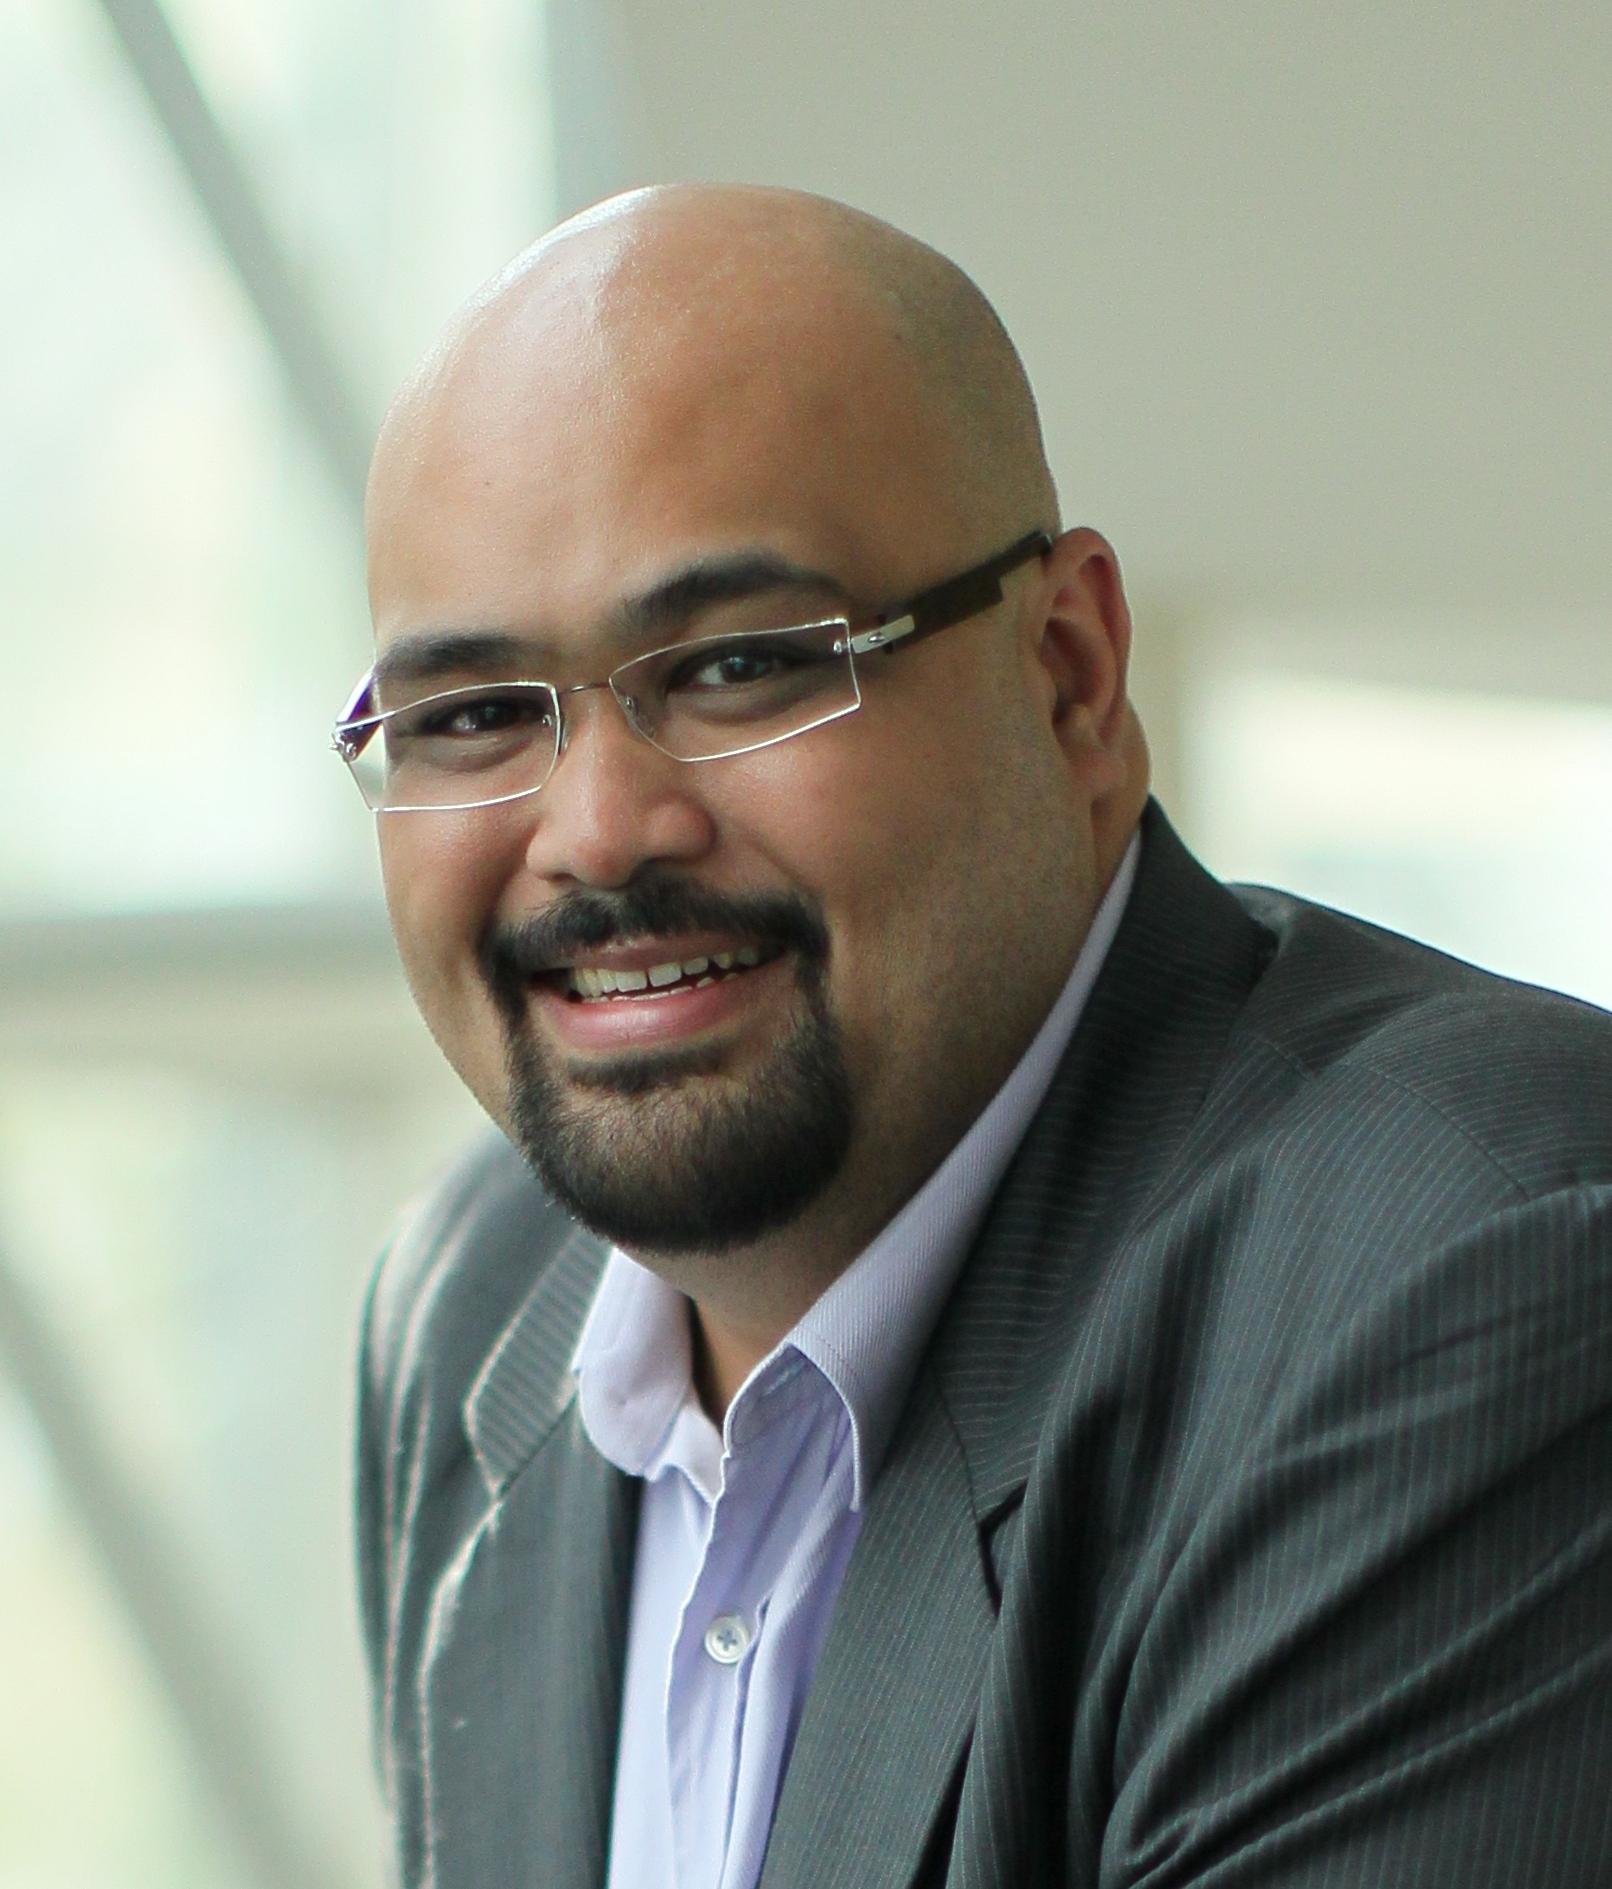 Afzal Abdul Rahim